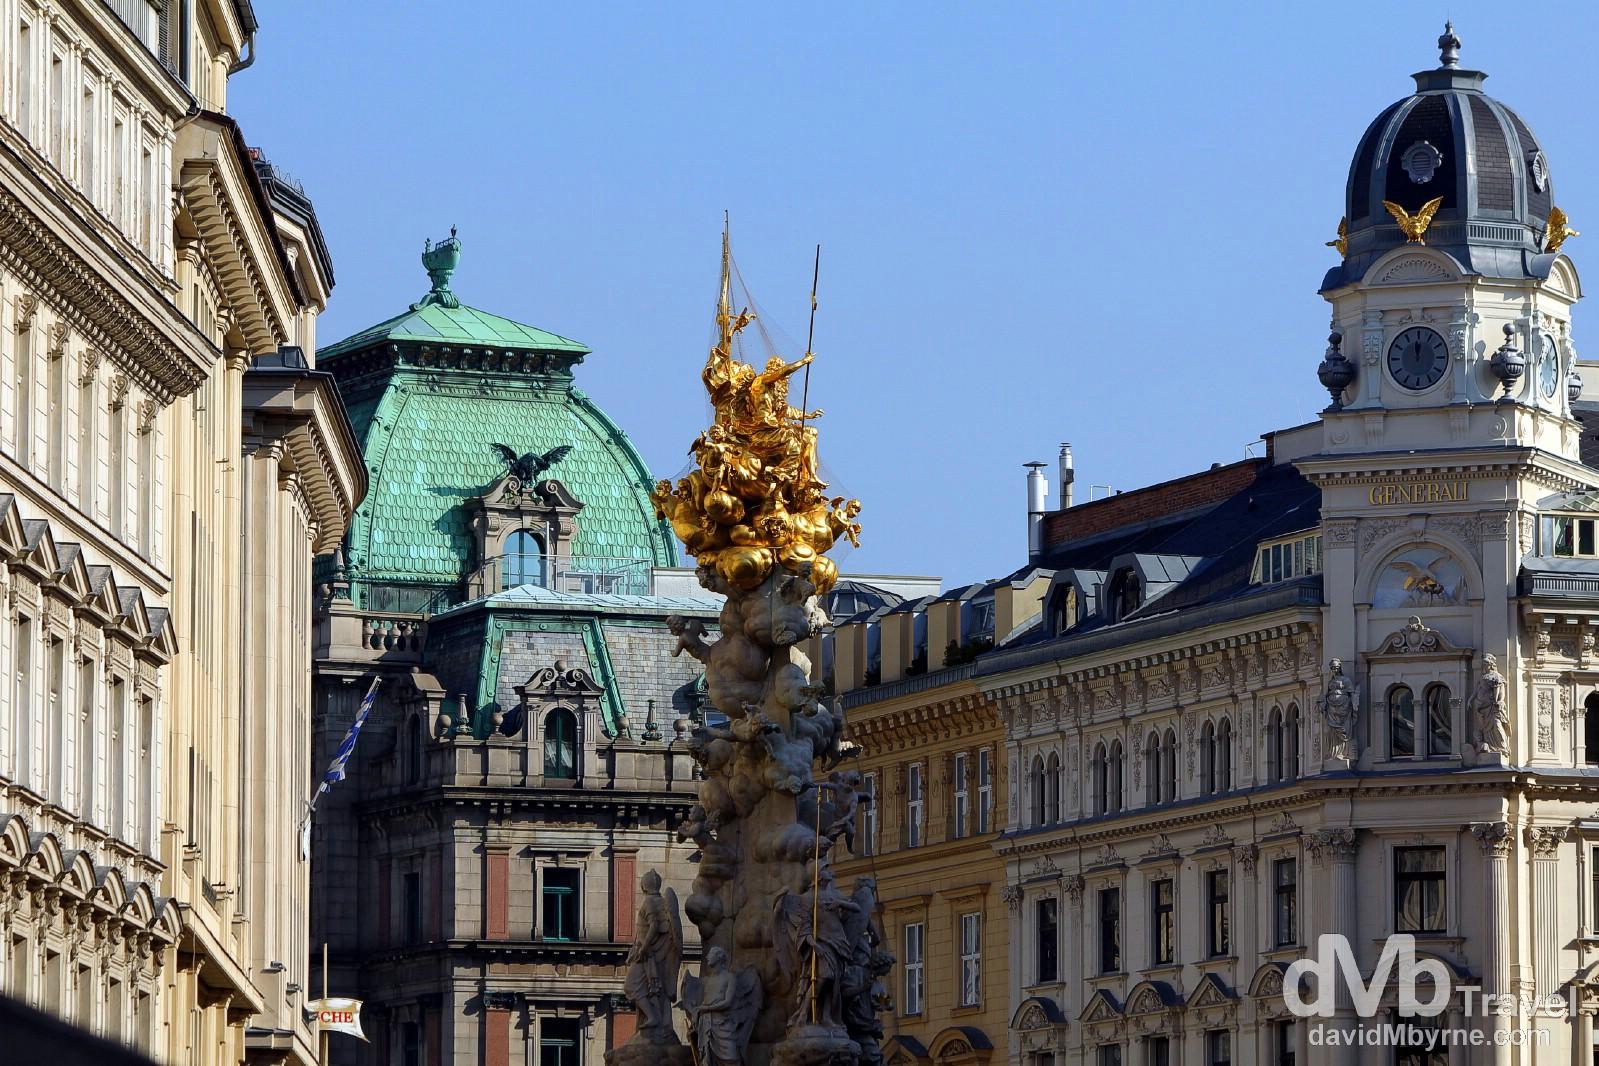 Buildings on Graben, a plush shopping street & the main pedestrian thoroughfare in Vienna, Austria. March 29th, 2014.